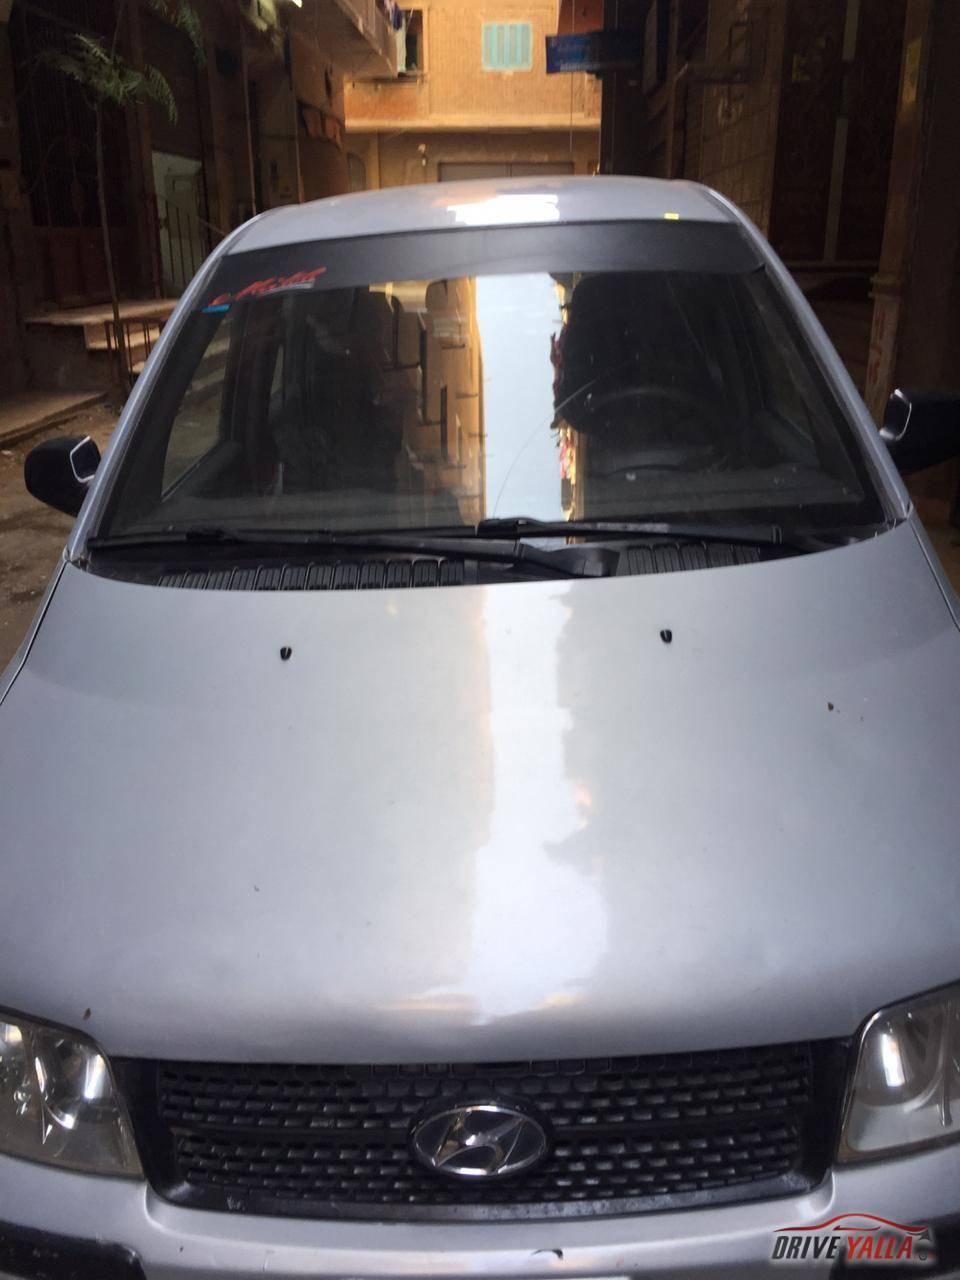 هيواندى مانريكس مستعملة للبيع فى مصر  2006